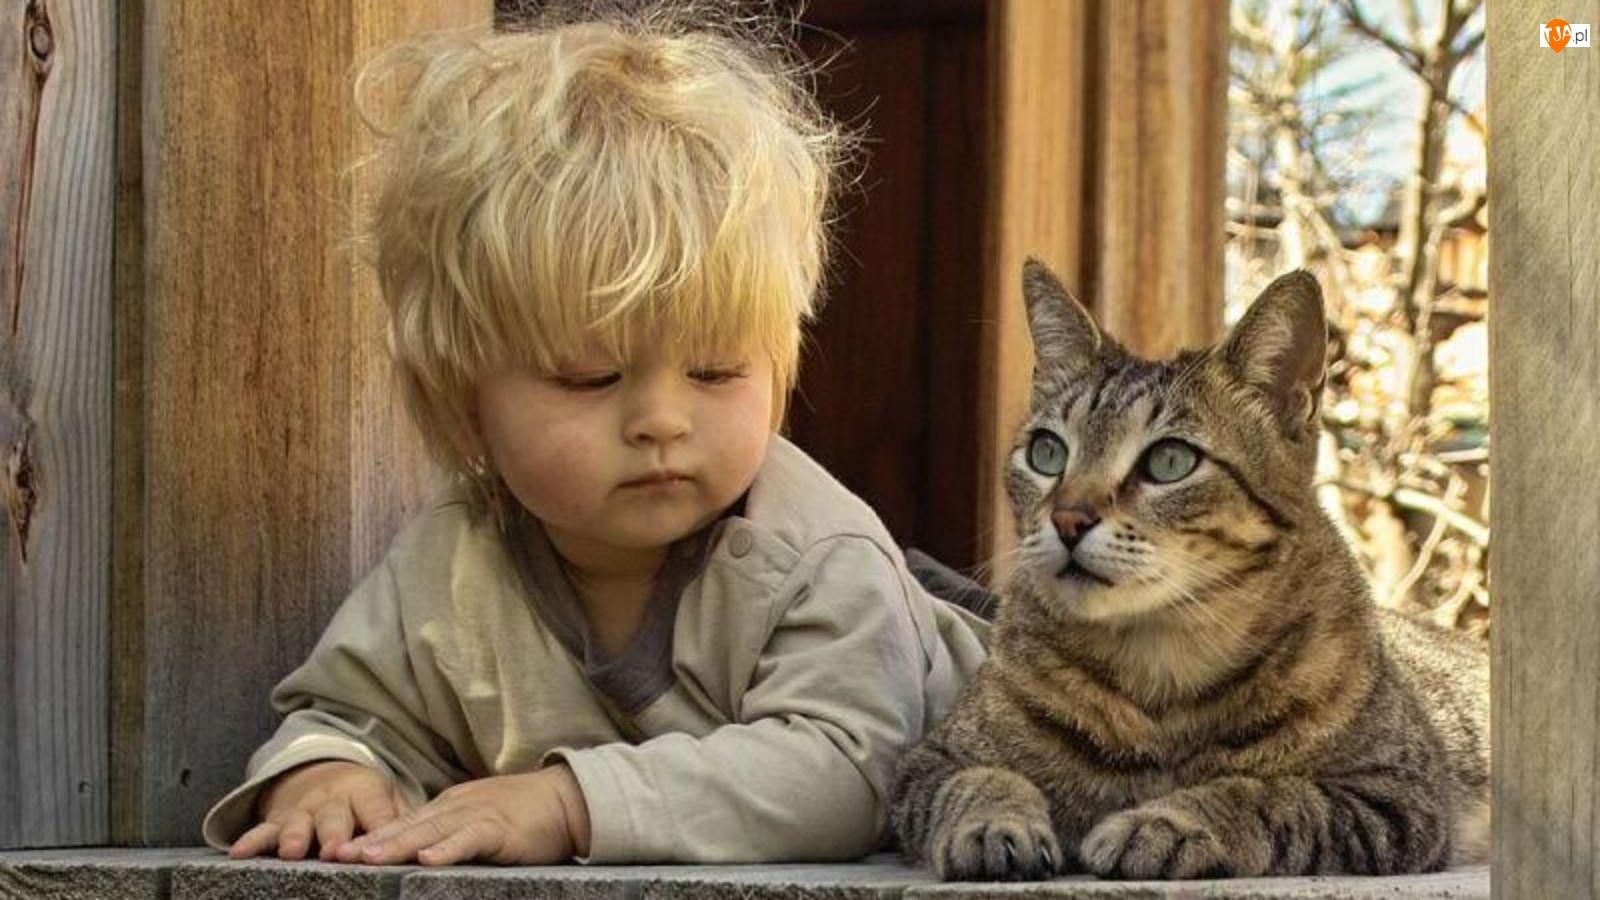 Kot, Dziecko, Okno